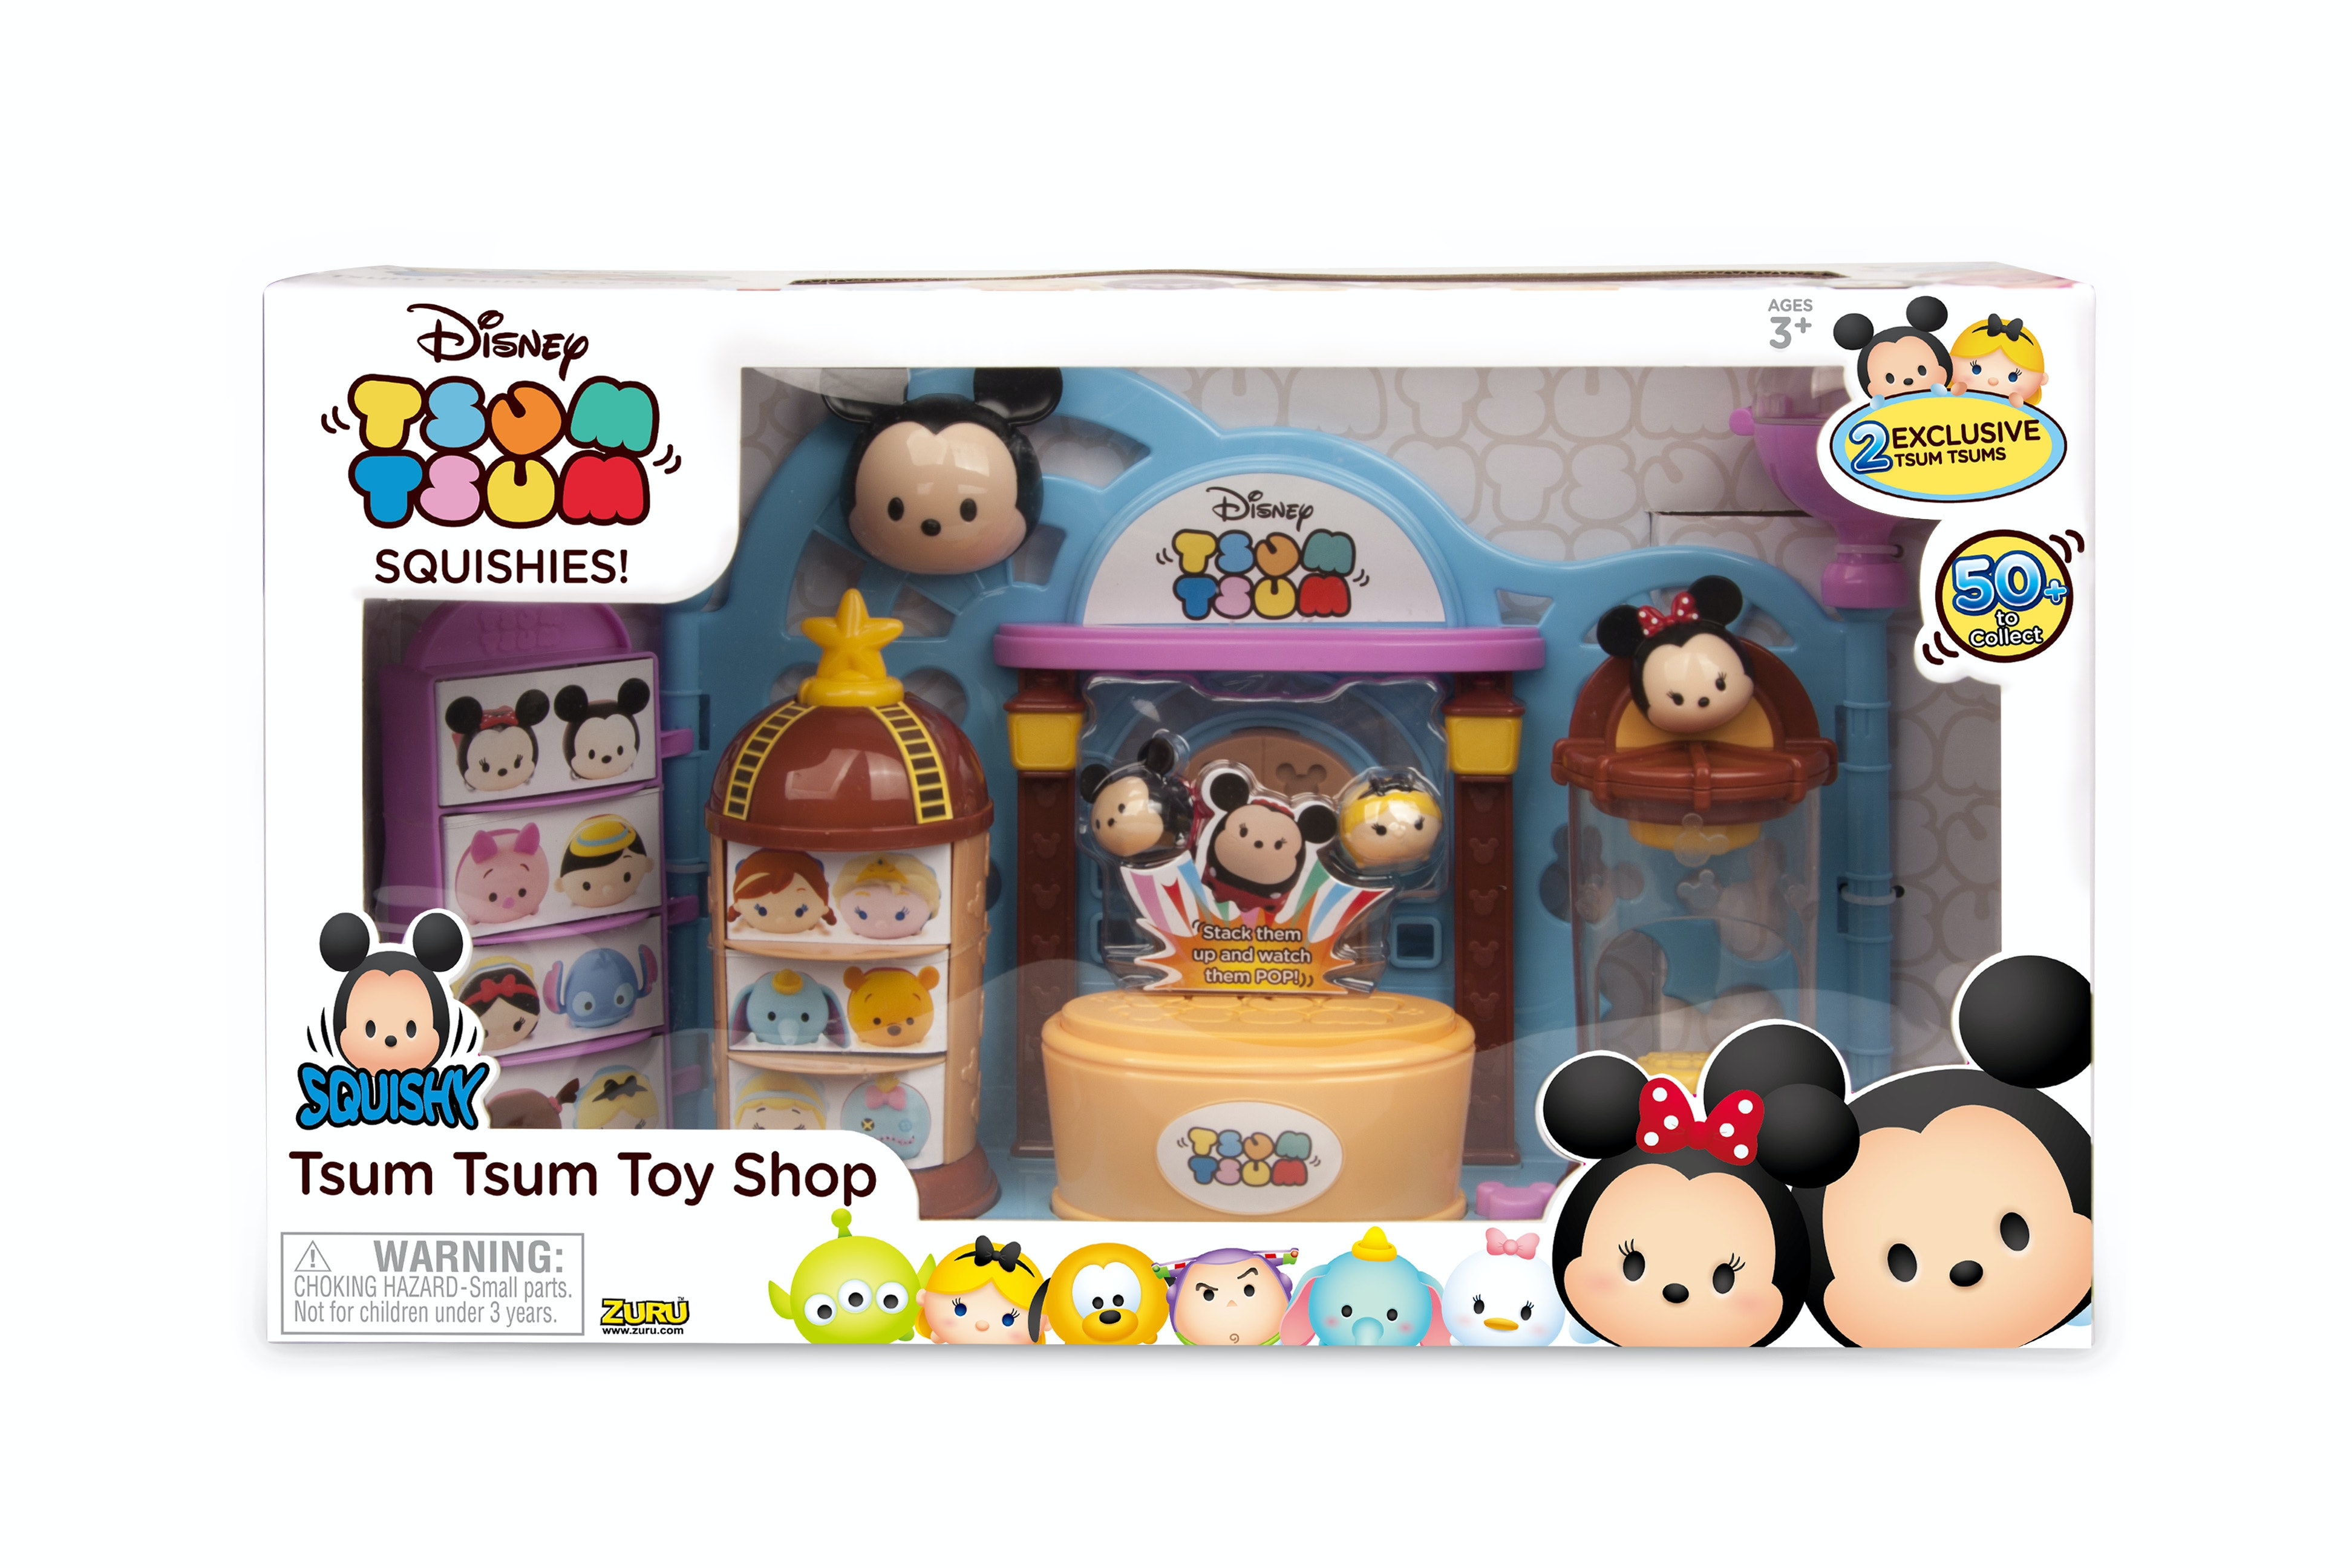 Disney Tsum Tsum Squishies sweepstakes